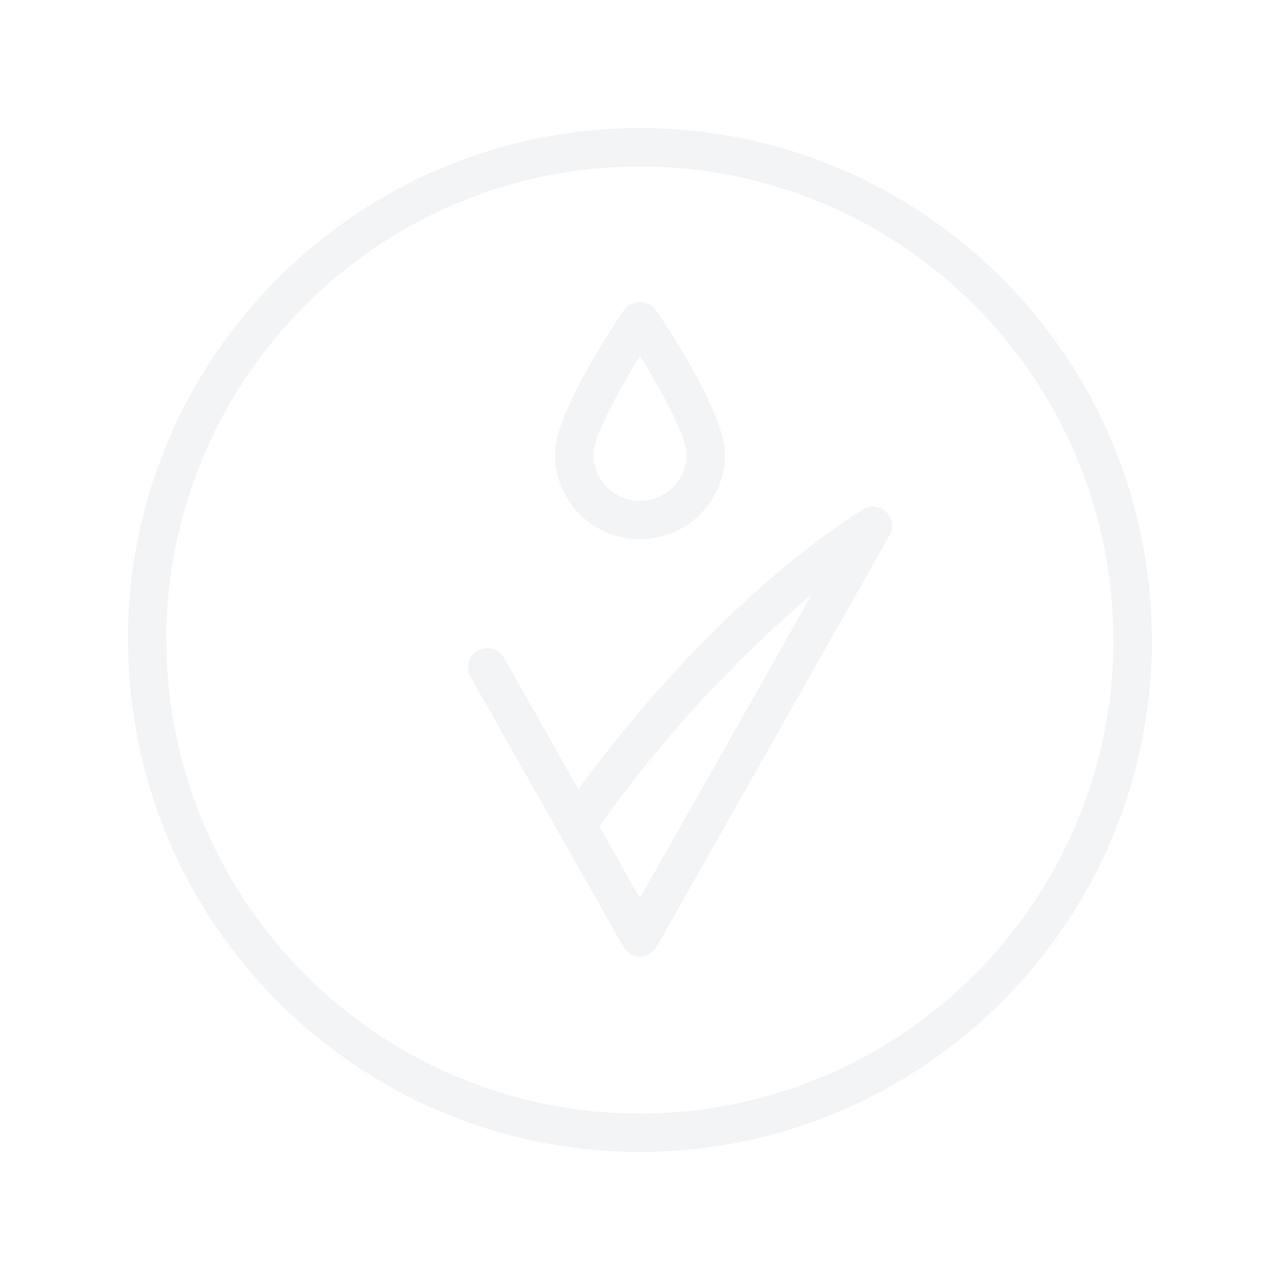 CAUDALIE Vinoperfect Radiance Moisturizer SPF20 40ml